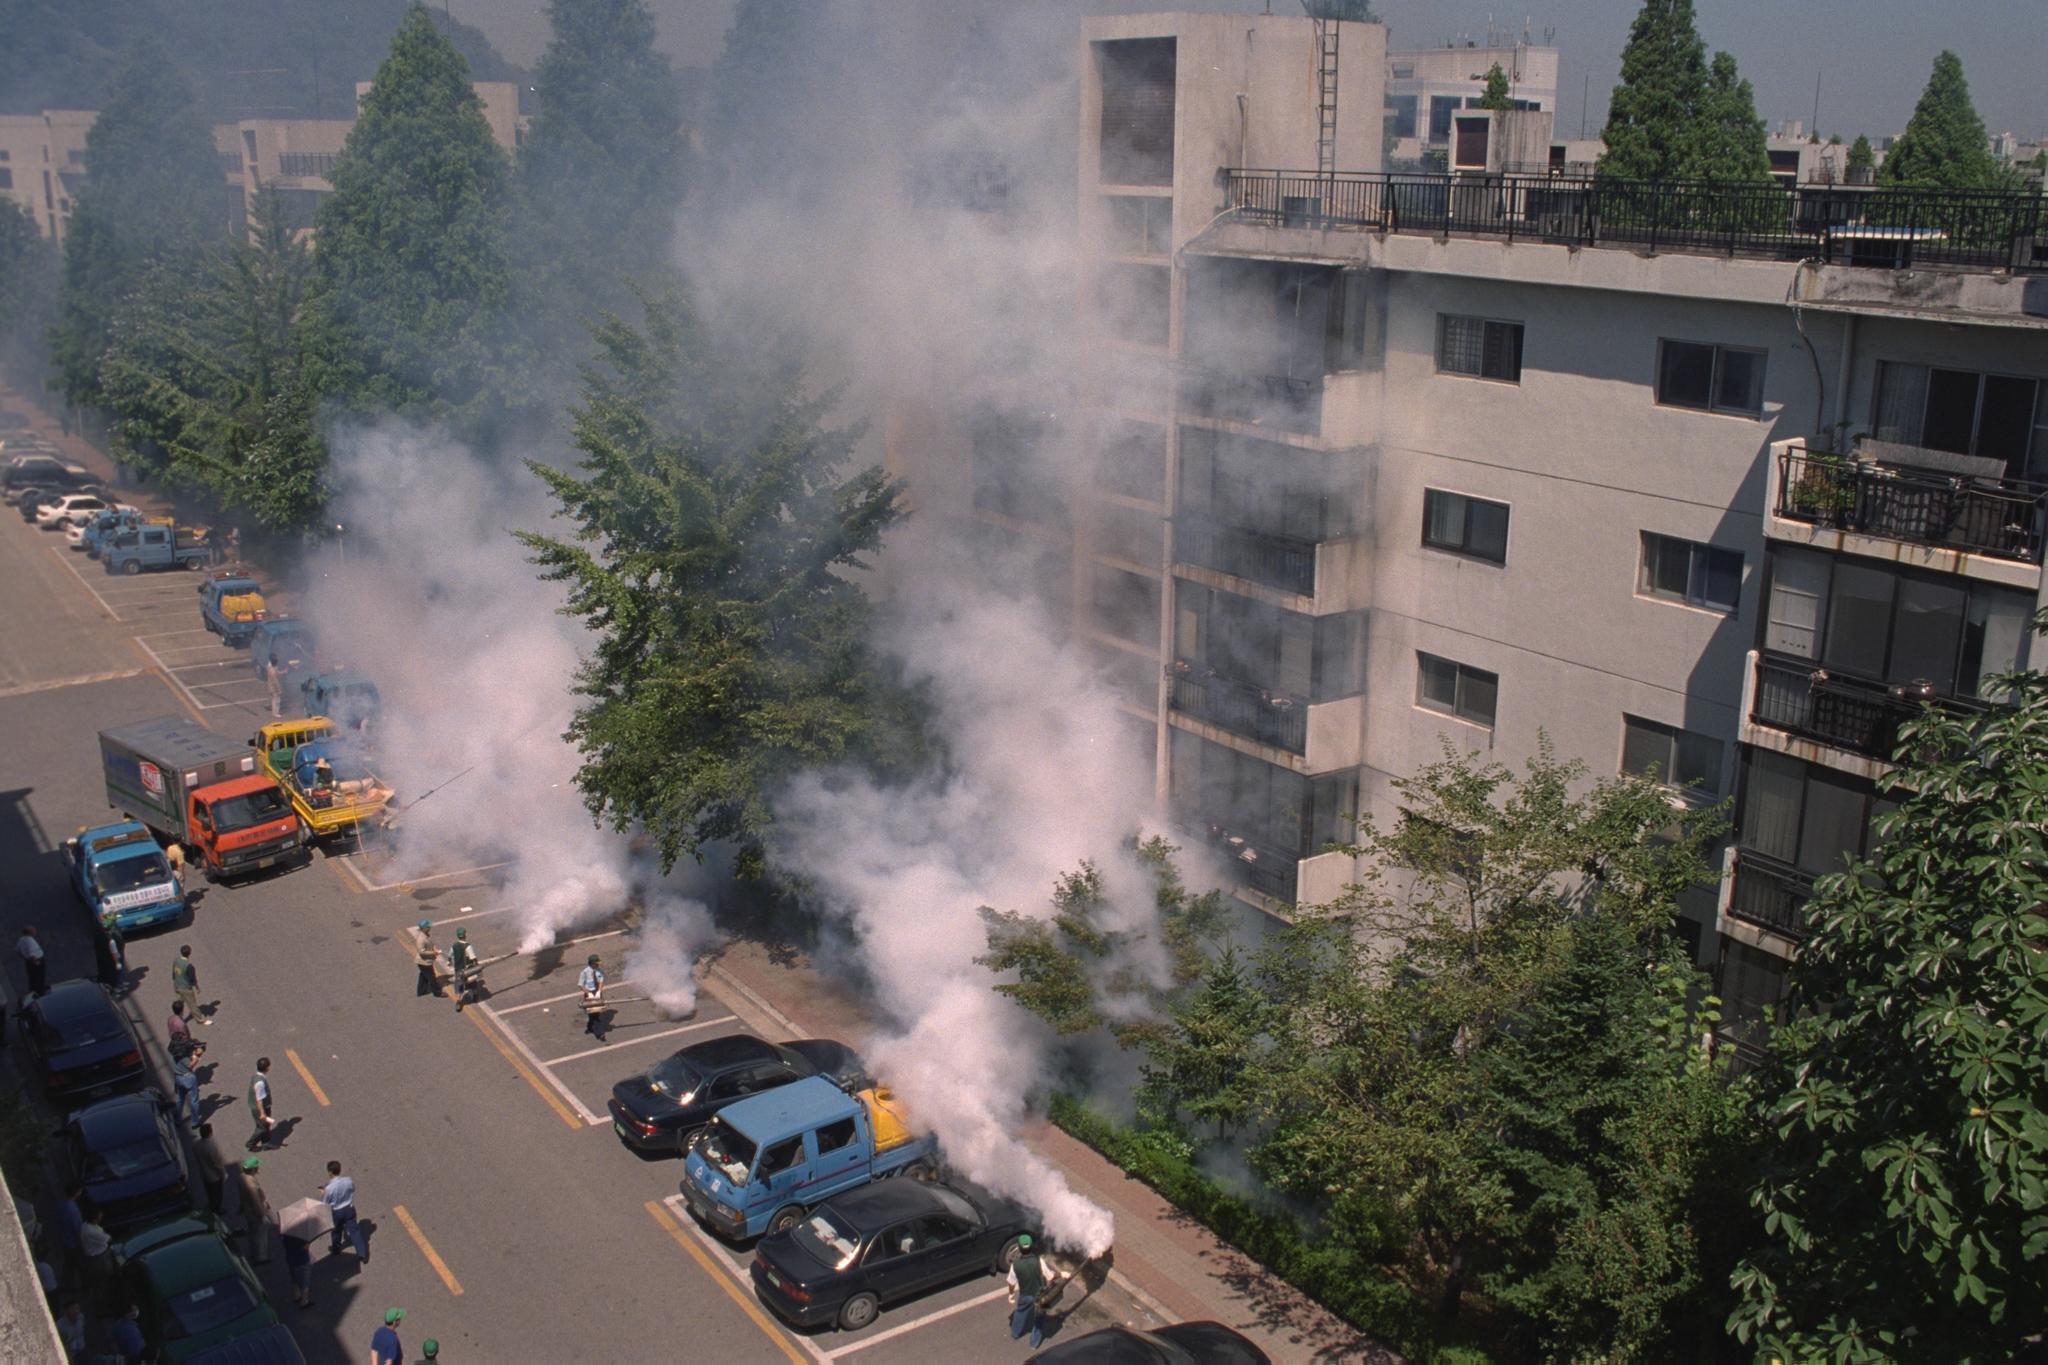 1990년대 말 서울 서초구청 직원과 주민들이 말라리아를 퇴치하기 위해 연막소독차량 등을 동원해 반포본동에서 방역작업을 벌이고 있다. [중앙포토]